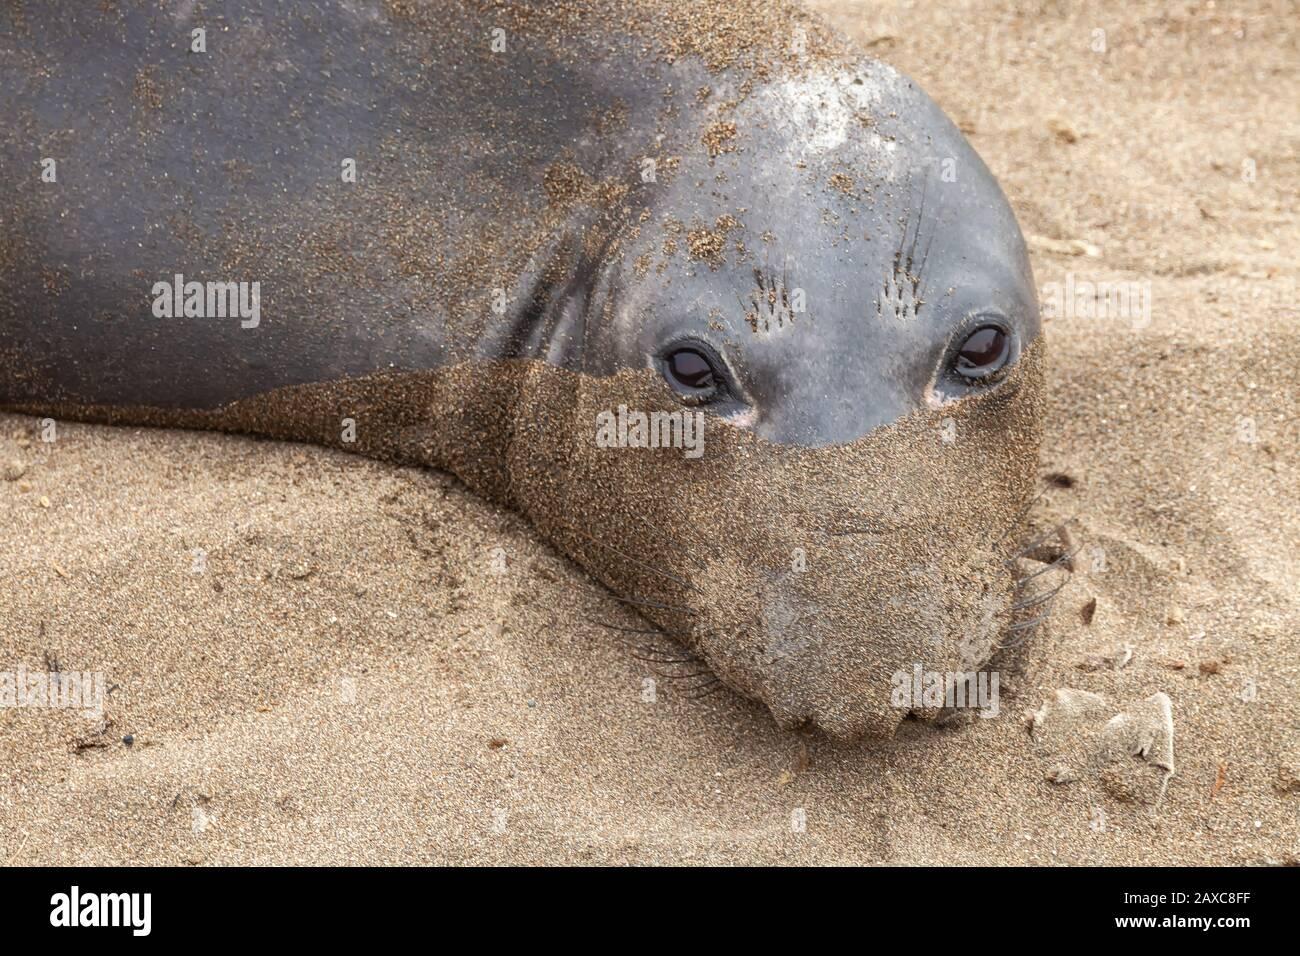 Un elefante del norte, Mirounga angustirostris, cara cubierta de arena, San Simeon, California, EE.UU. Foto de stock